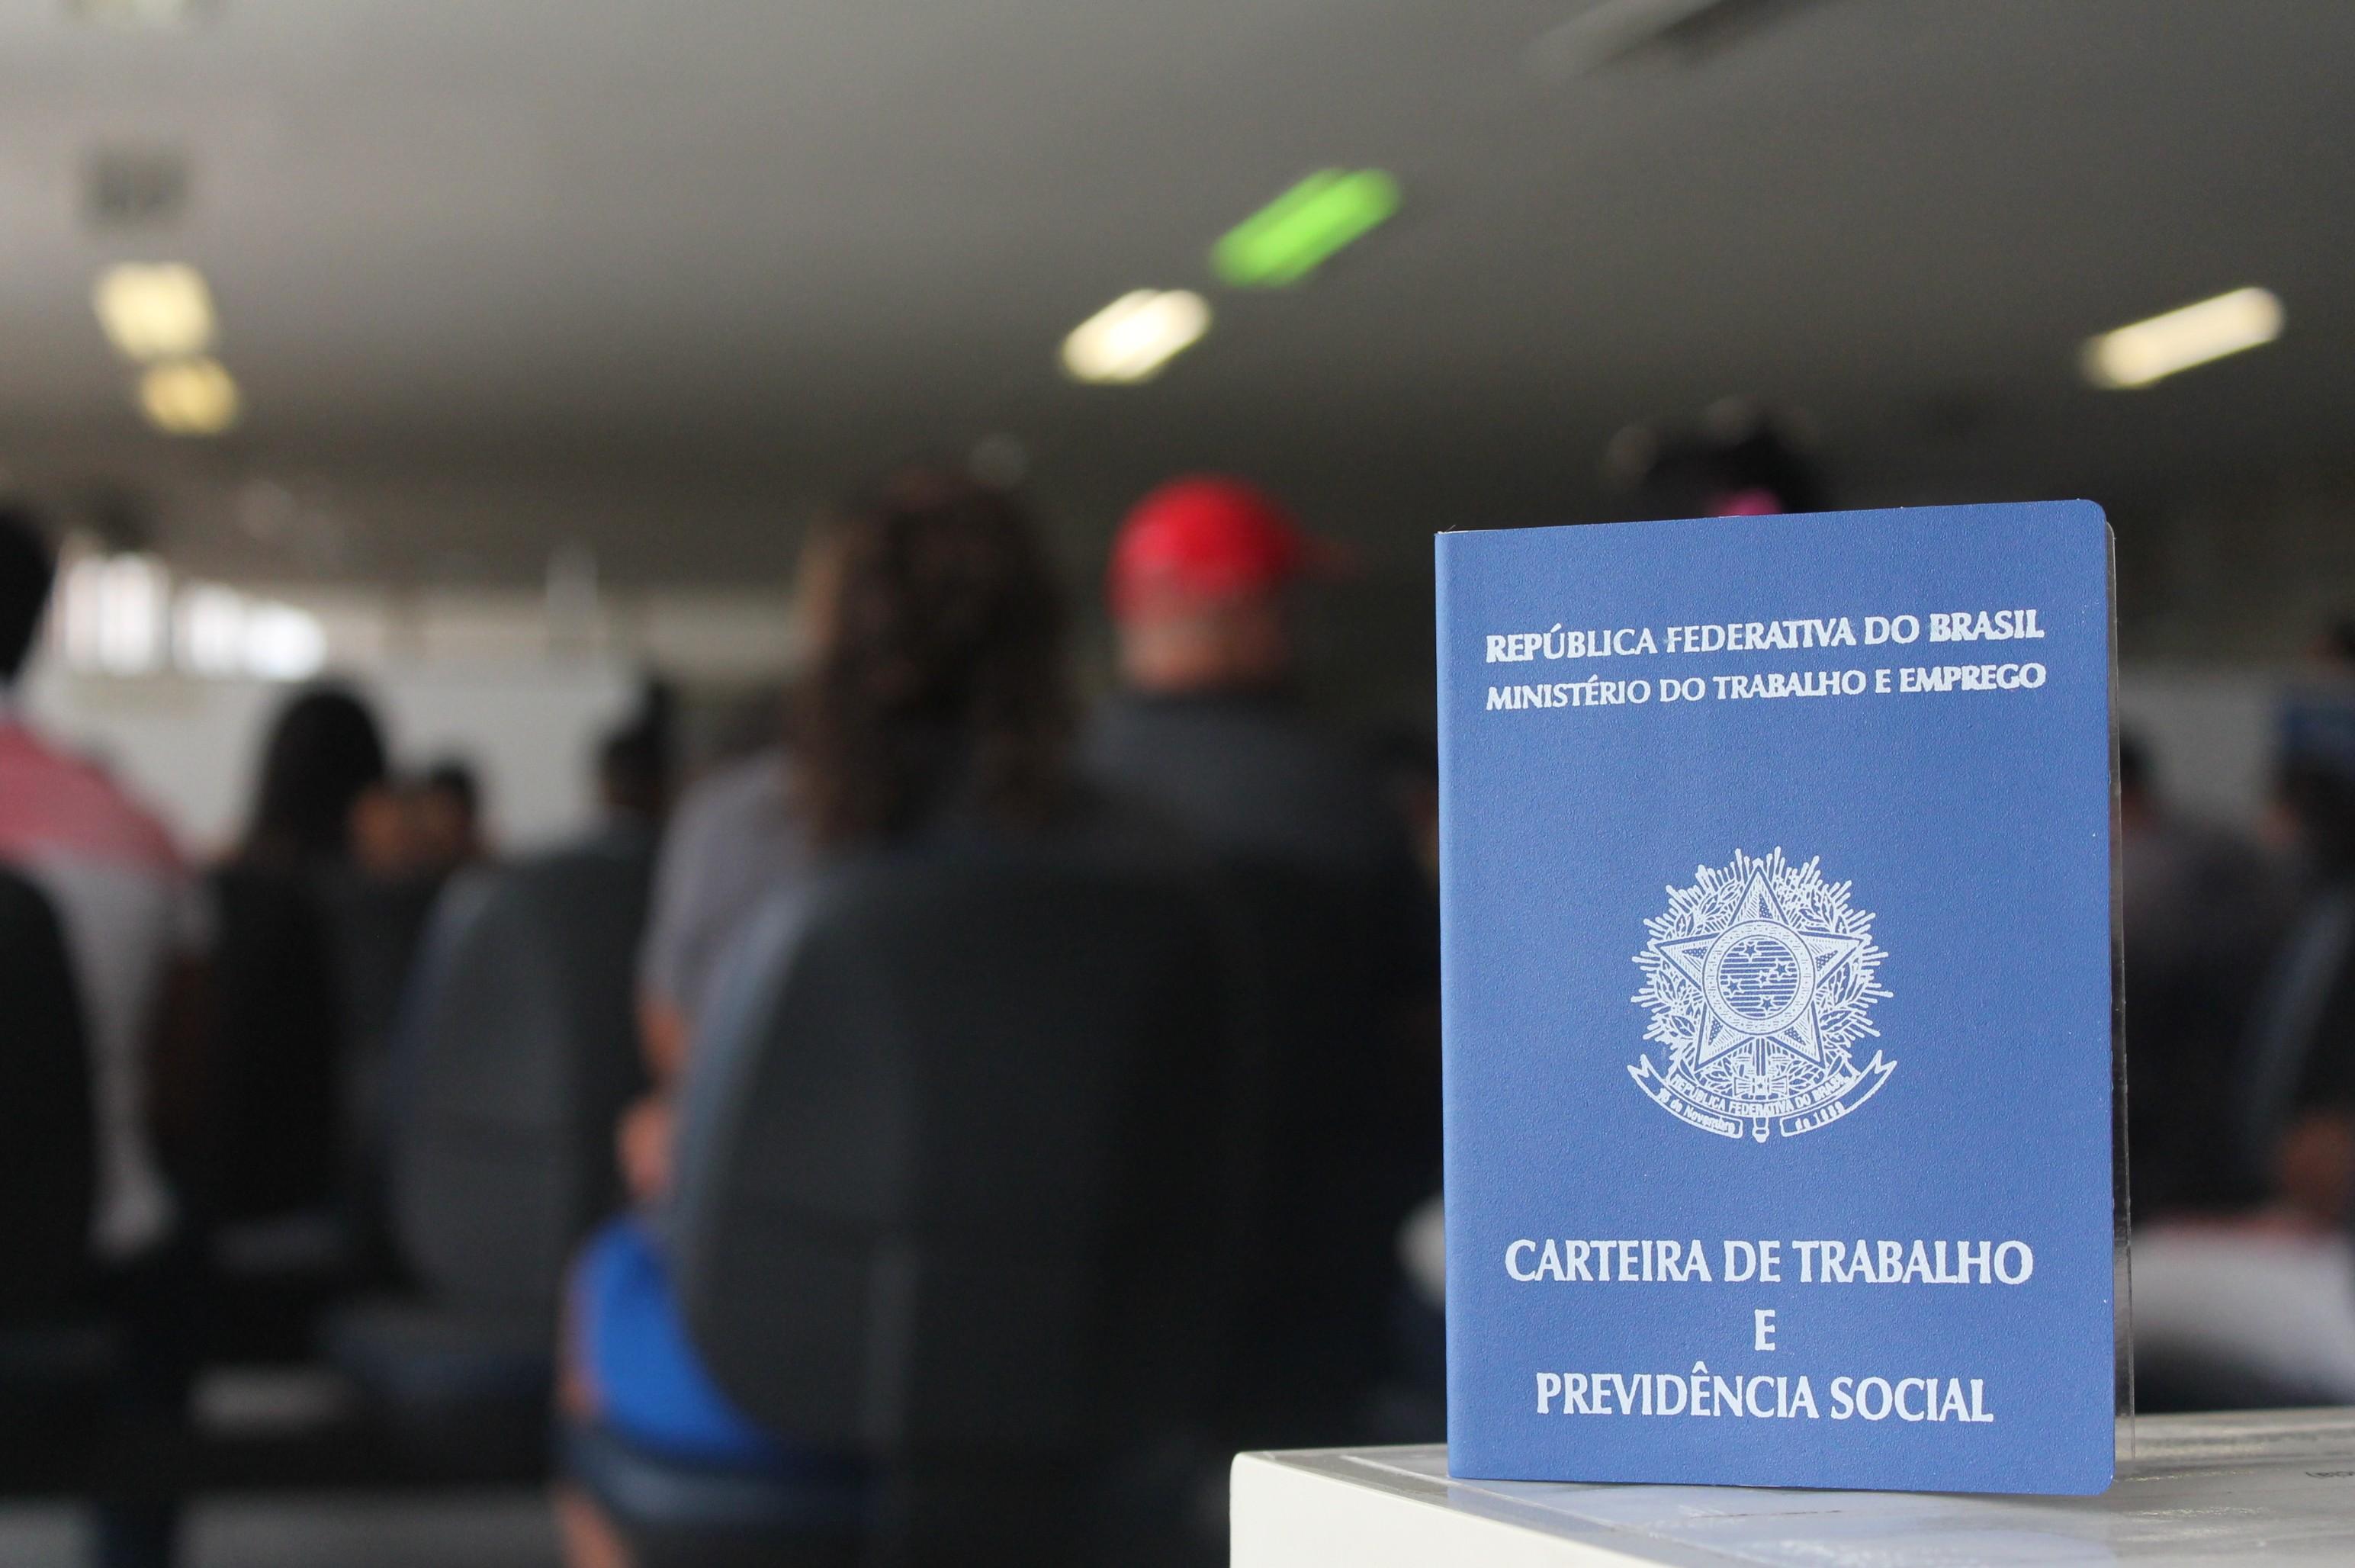 De eletromecânico a vendedor: PAT de Americana divulga 53 vagas de emprego - Notícias - Plantão Diário